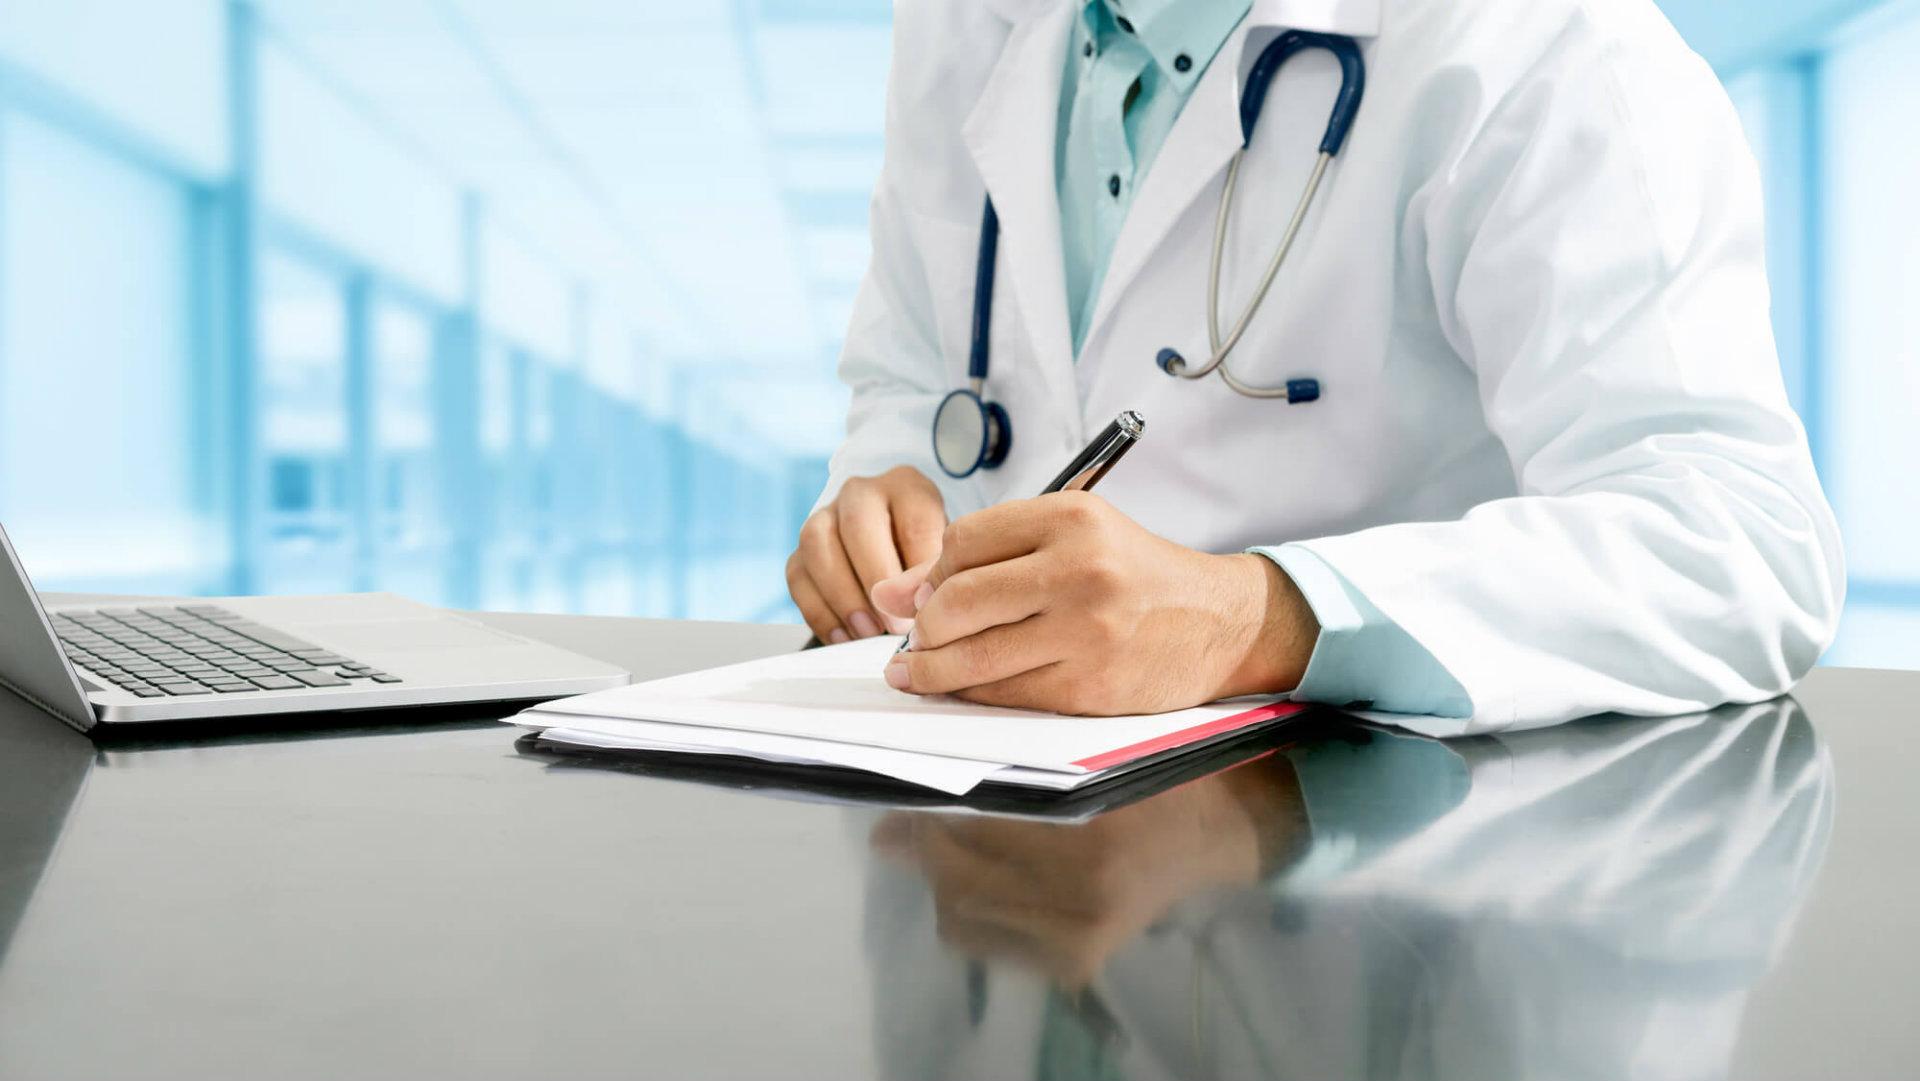 Plano de saúde Ameplan: conheça as opções oferecidas